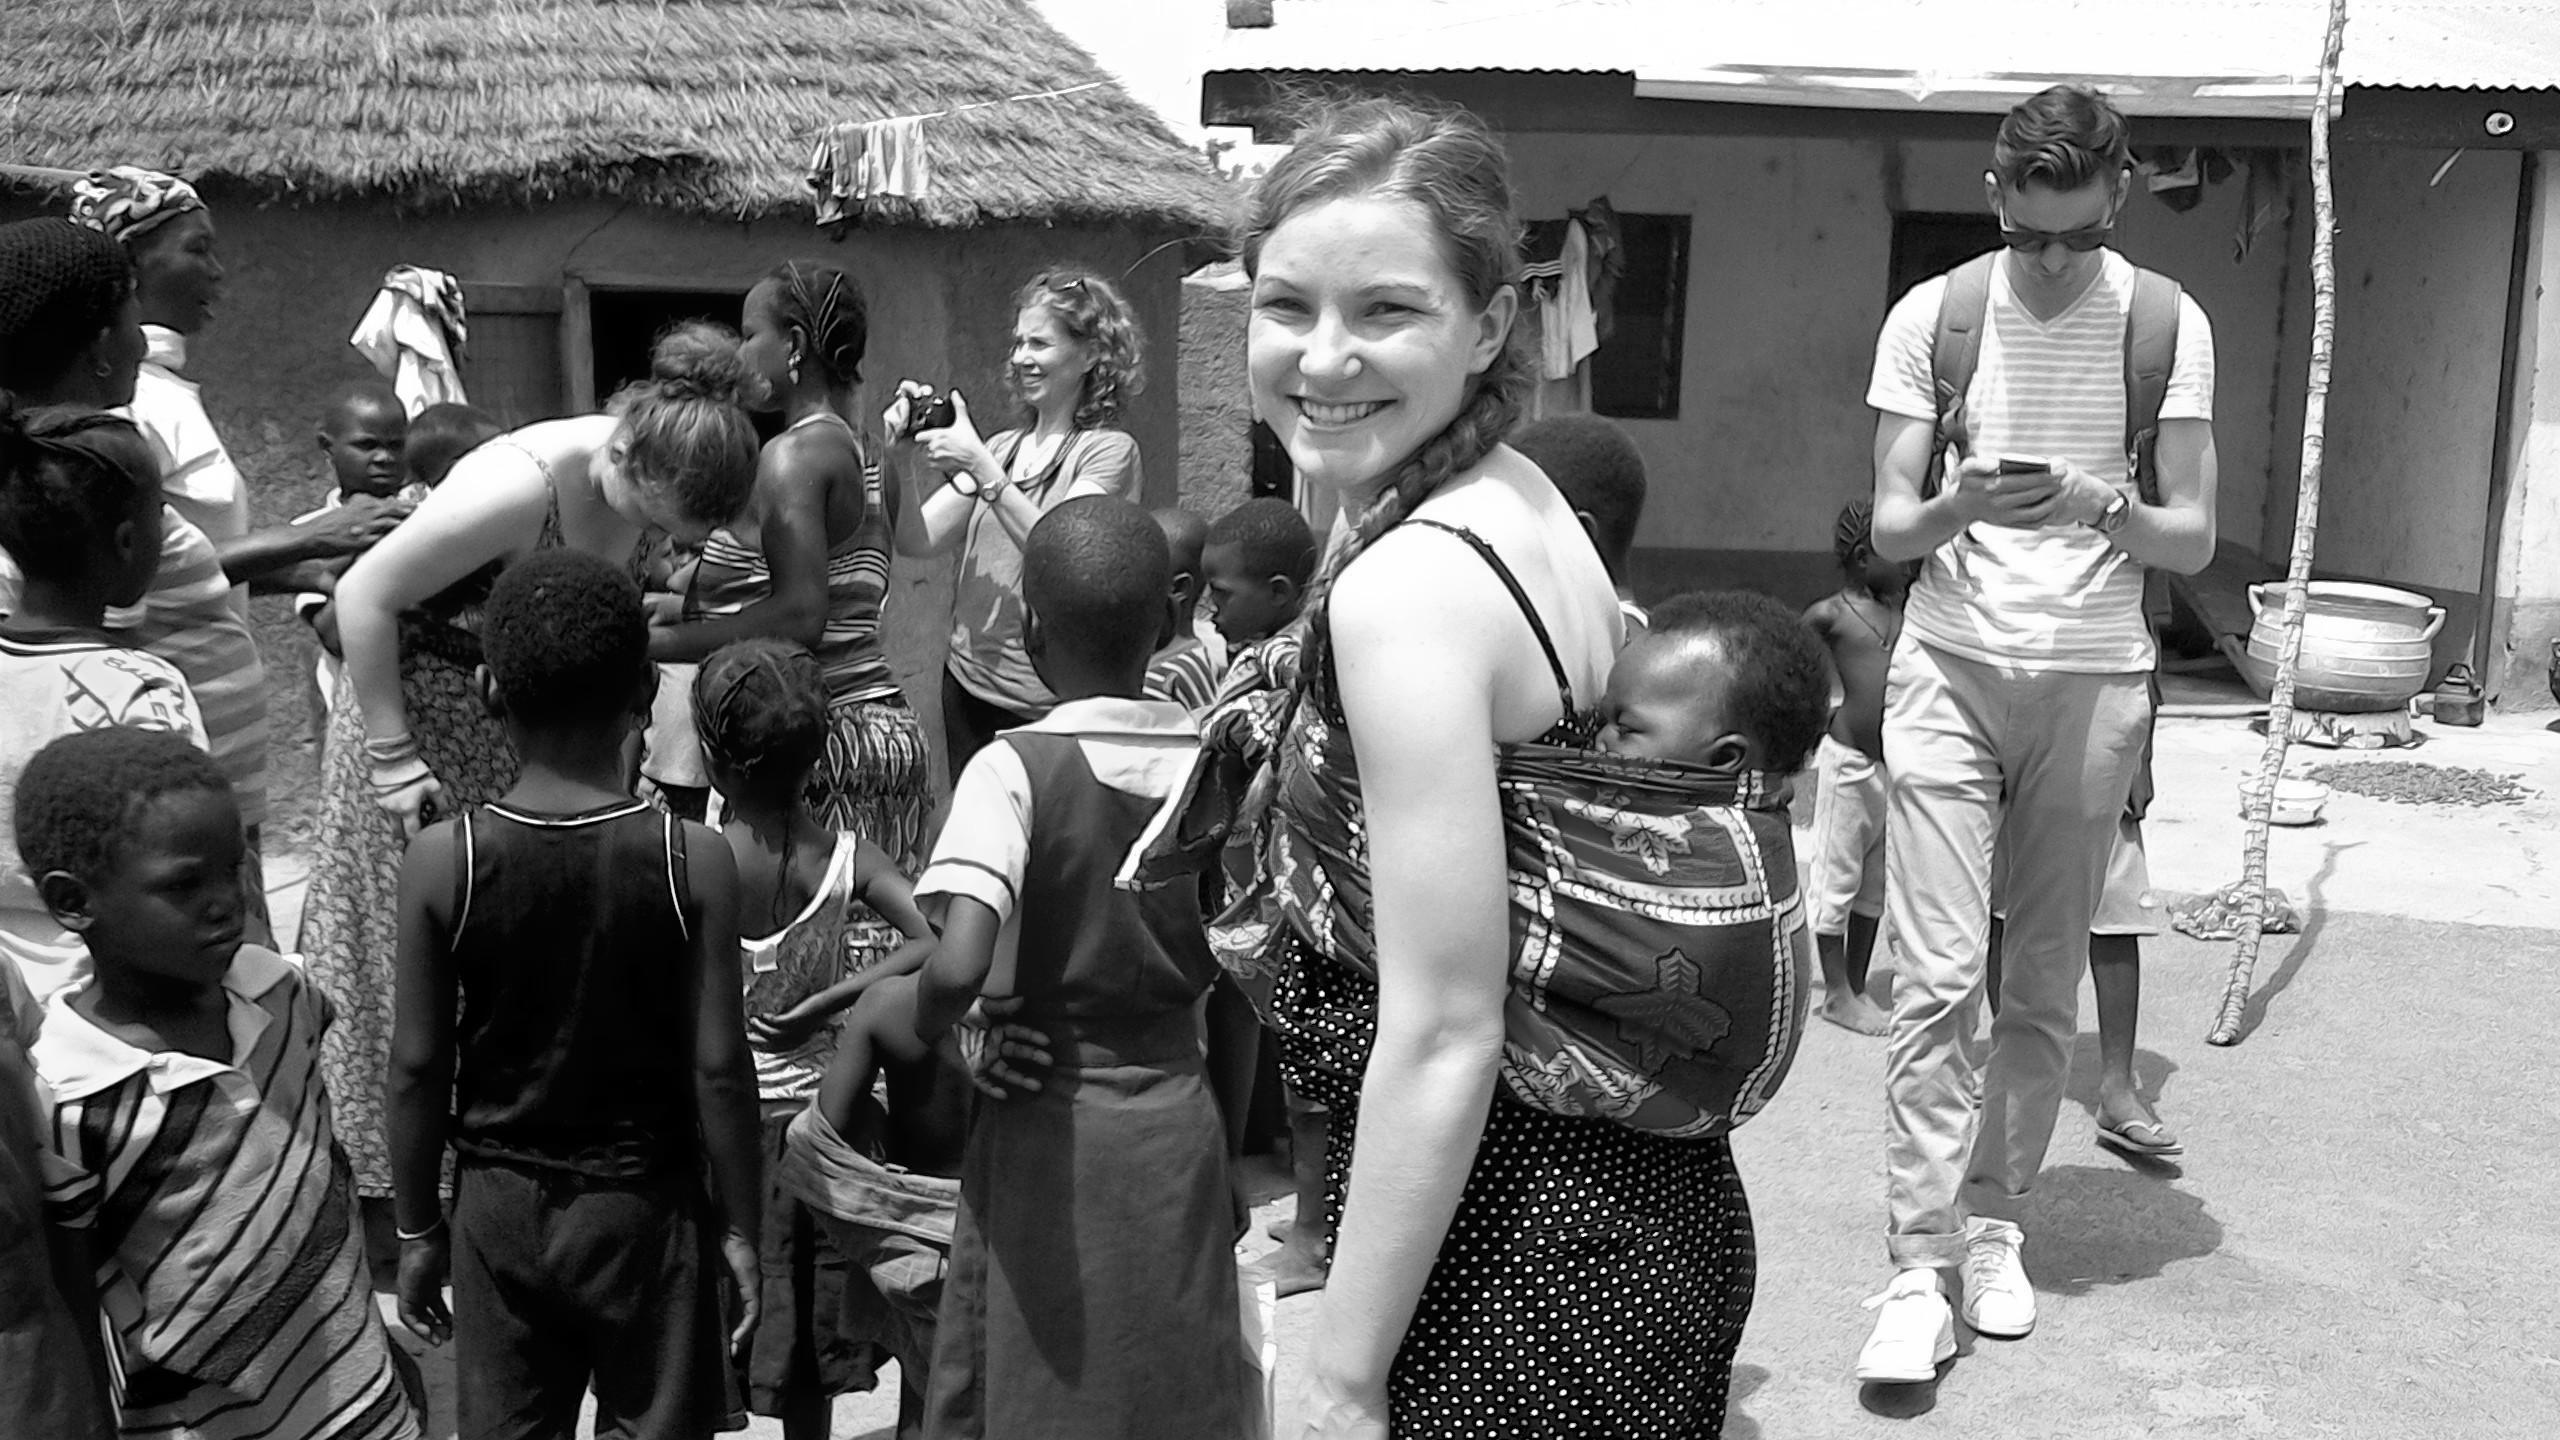 5 Reasons To Choose Community Development Volunteer Work In Ghana